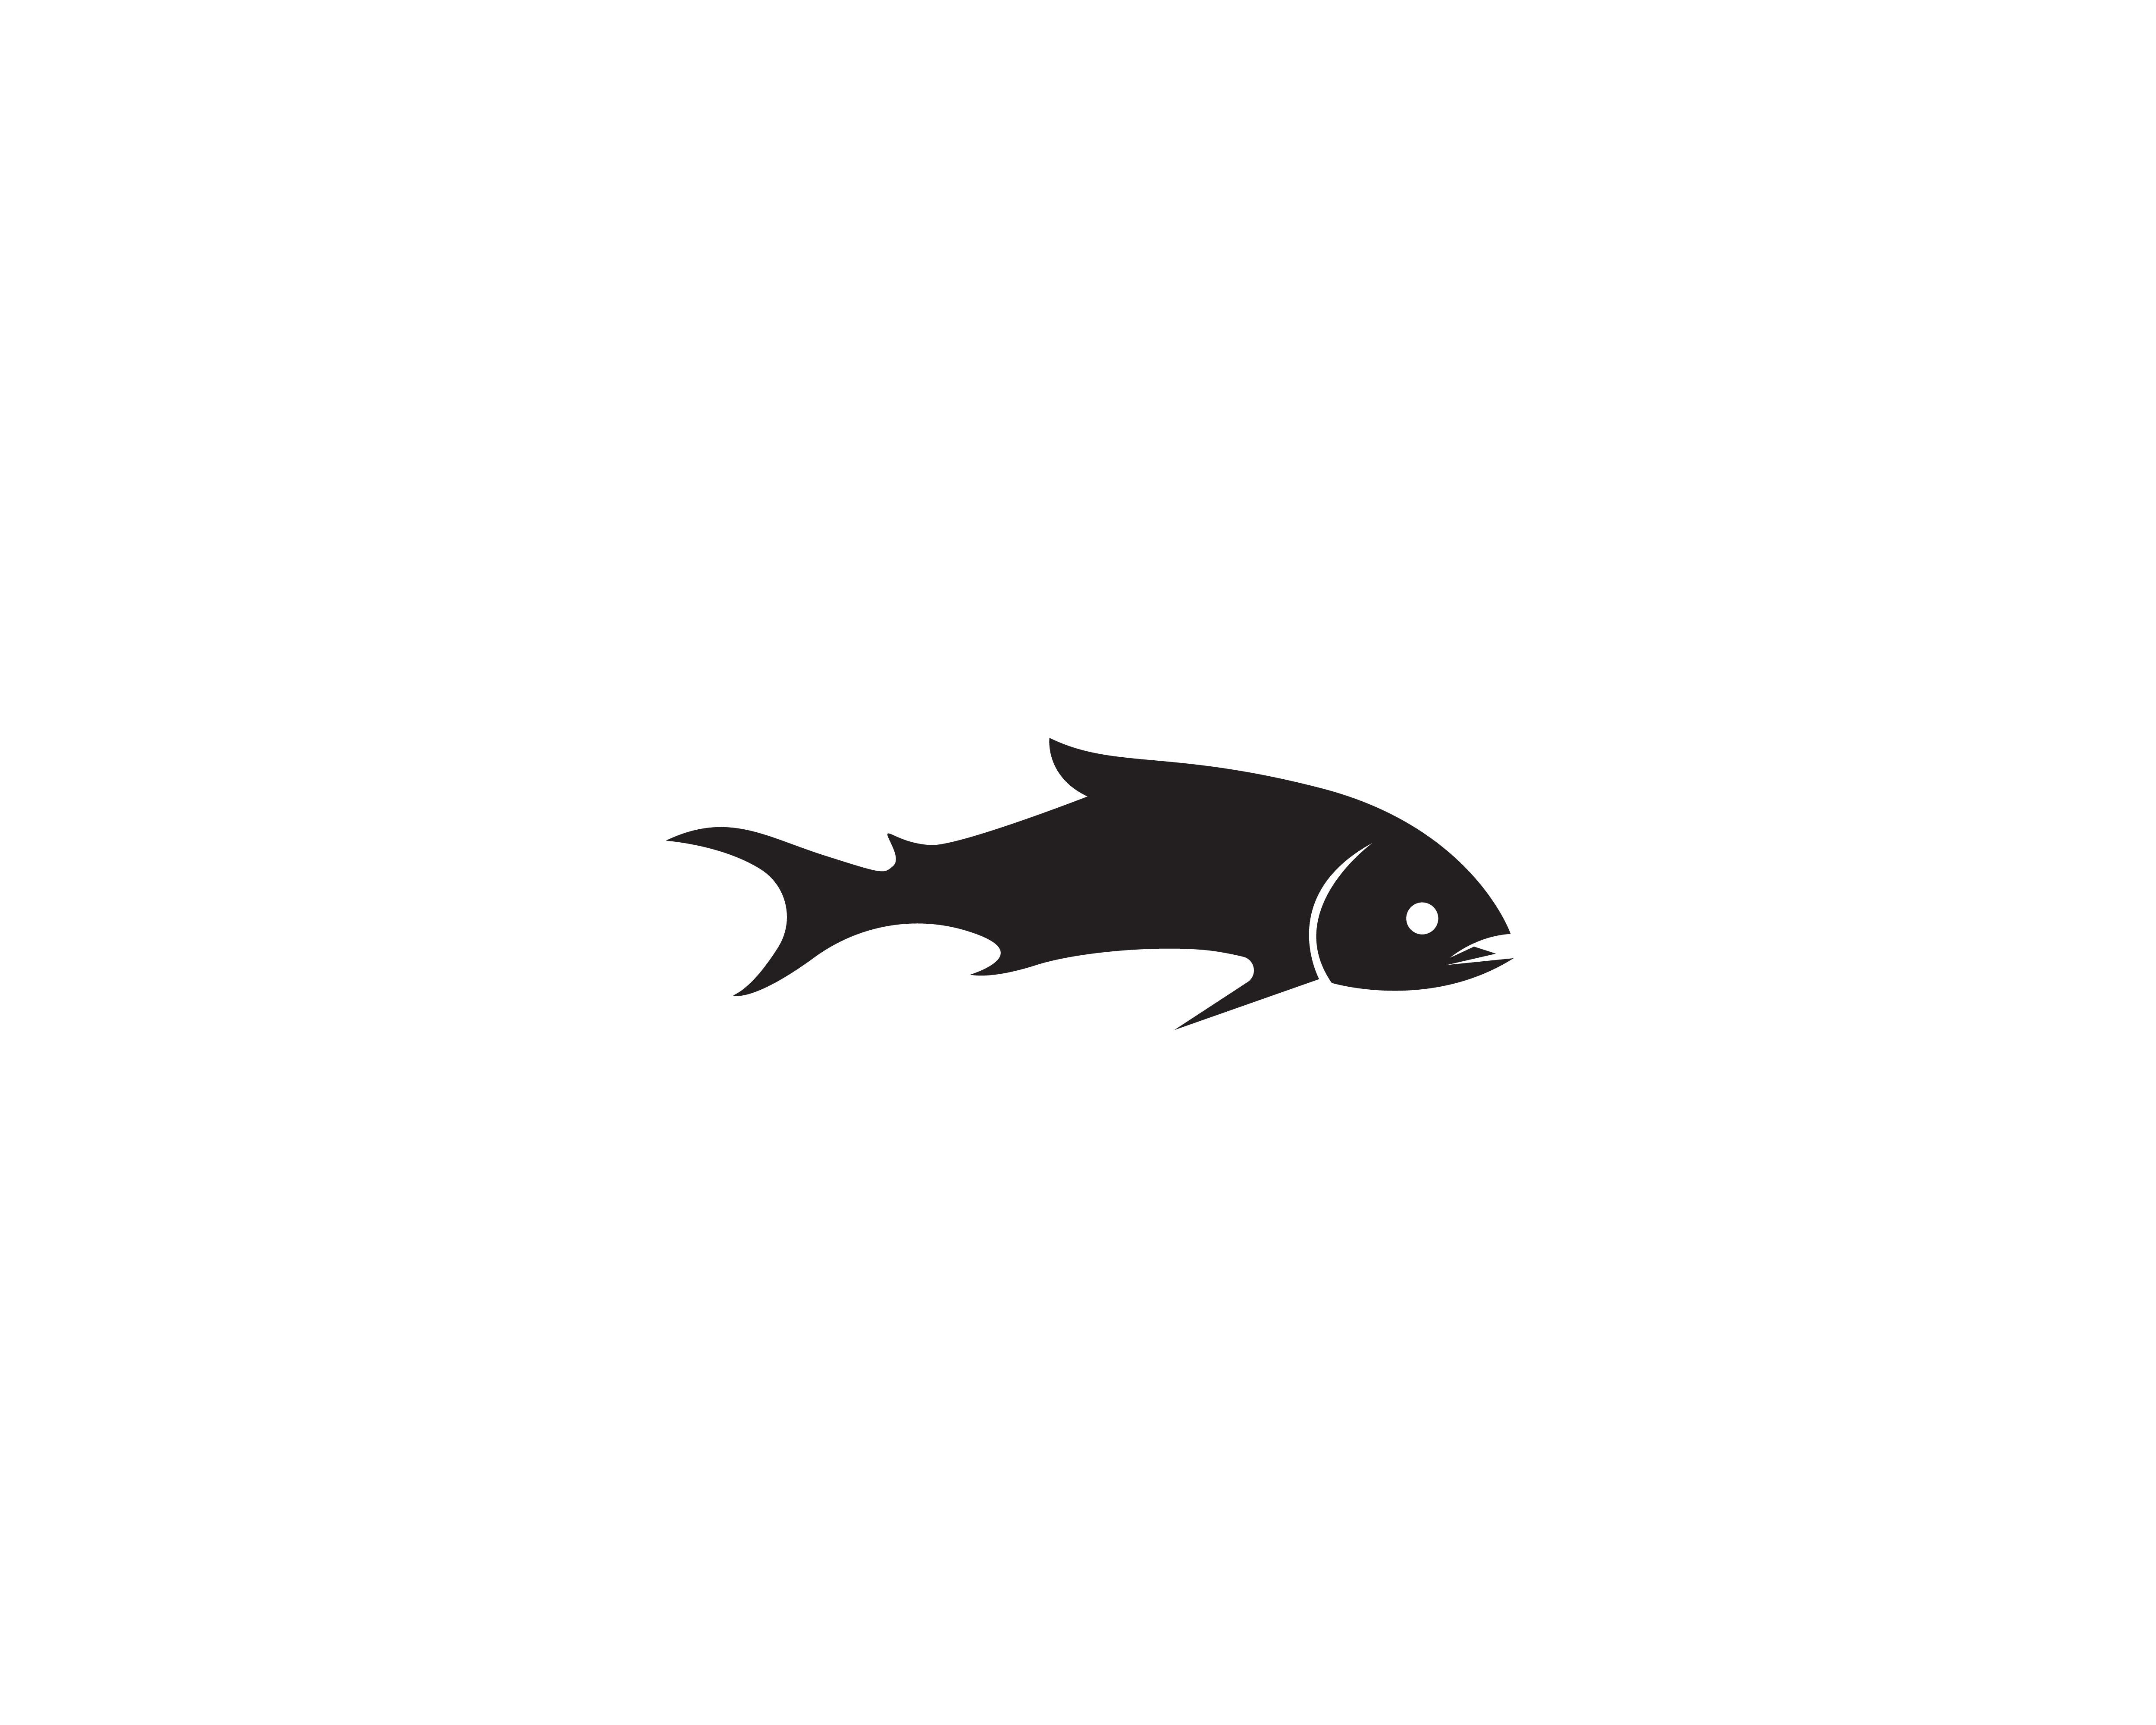 魚剪影 免費下載   天天瘋後製